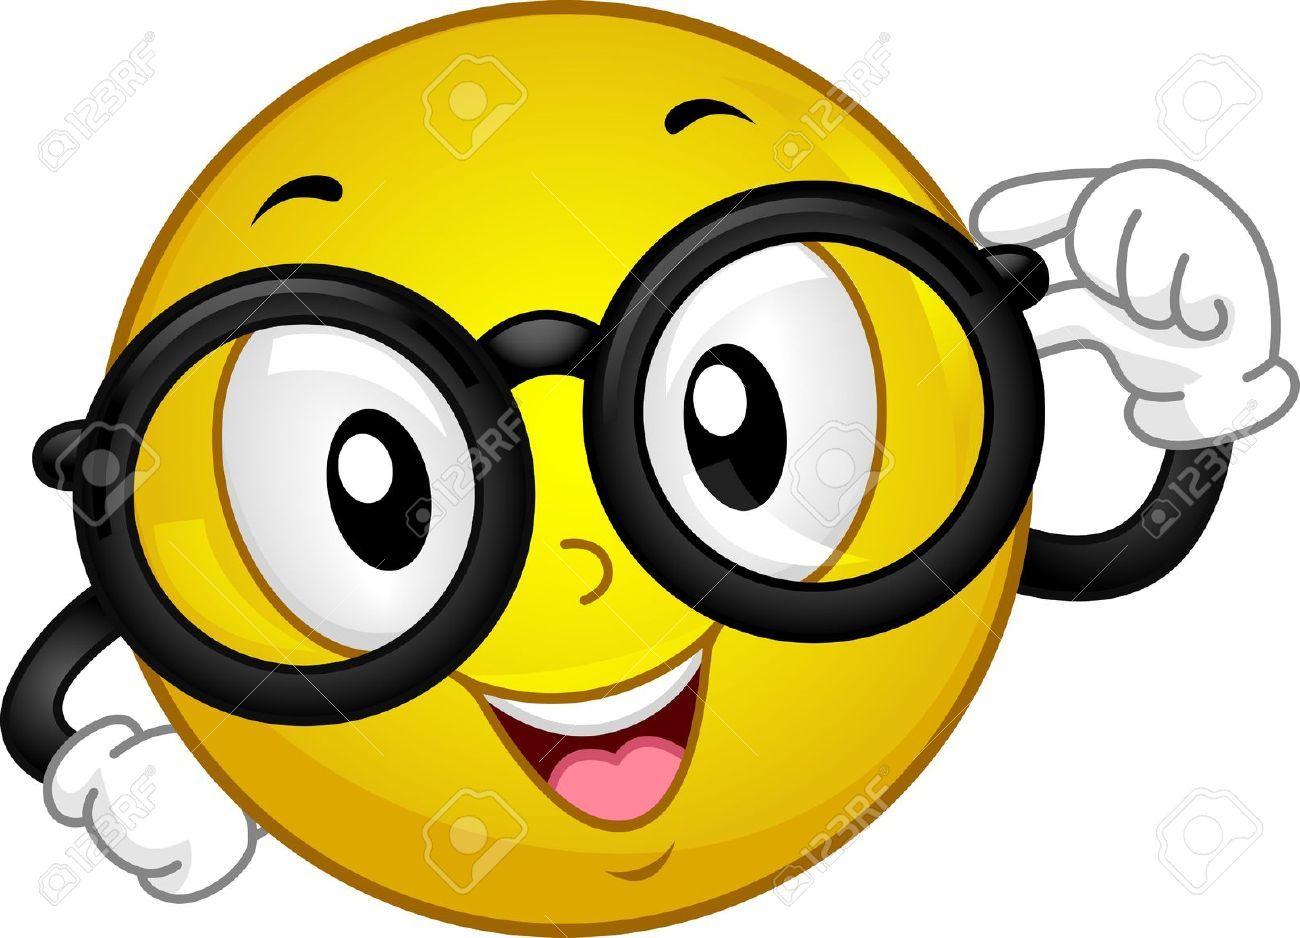 illustration d un port de lunettes smiley banque d images et rh pinterest com Animated Smiley Face Clip Art Eye Glasses Clip Art